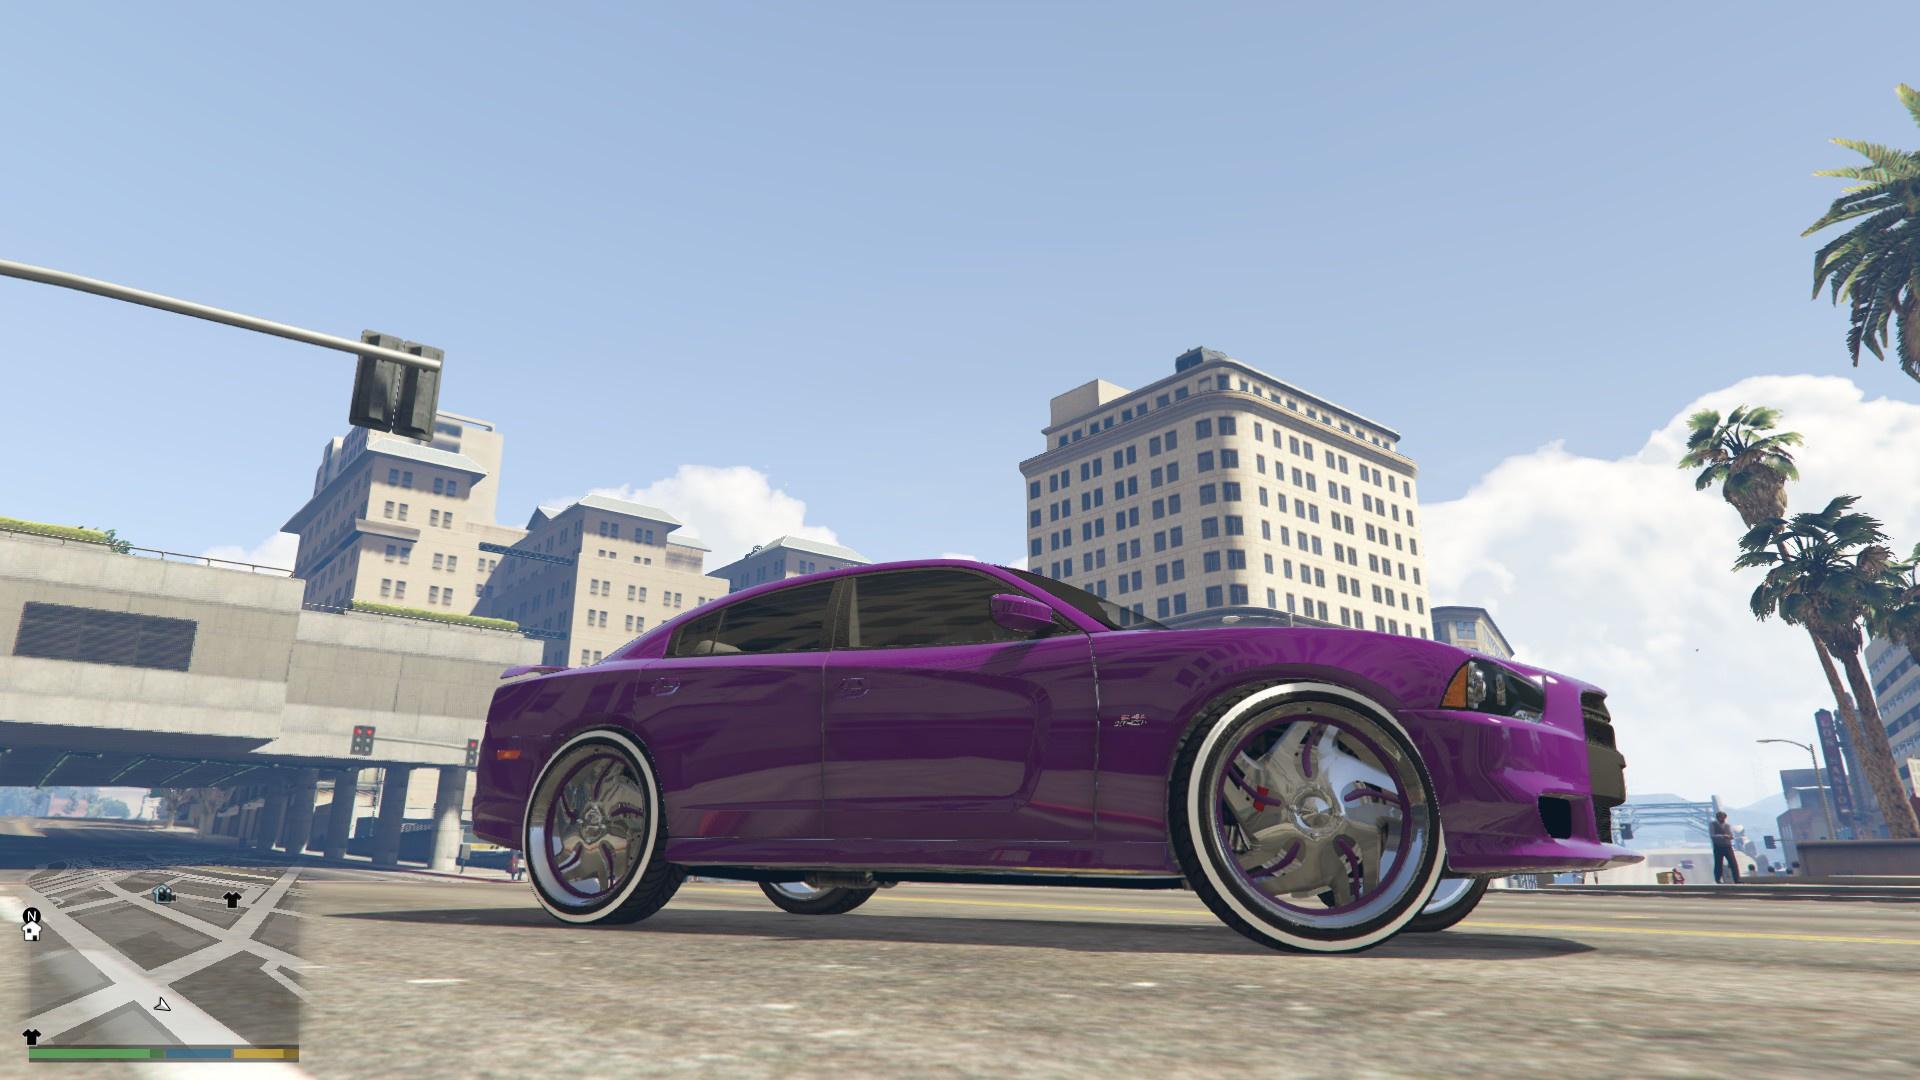 2012 Dodge Charger Srt8 Donk Gta5 Mods Com